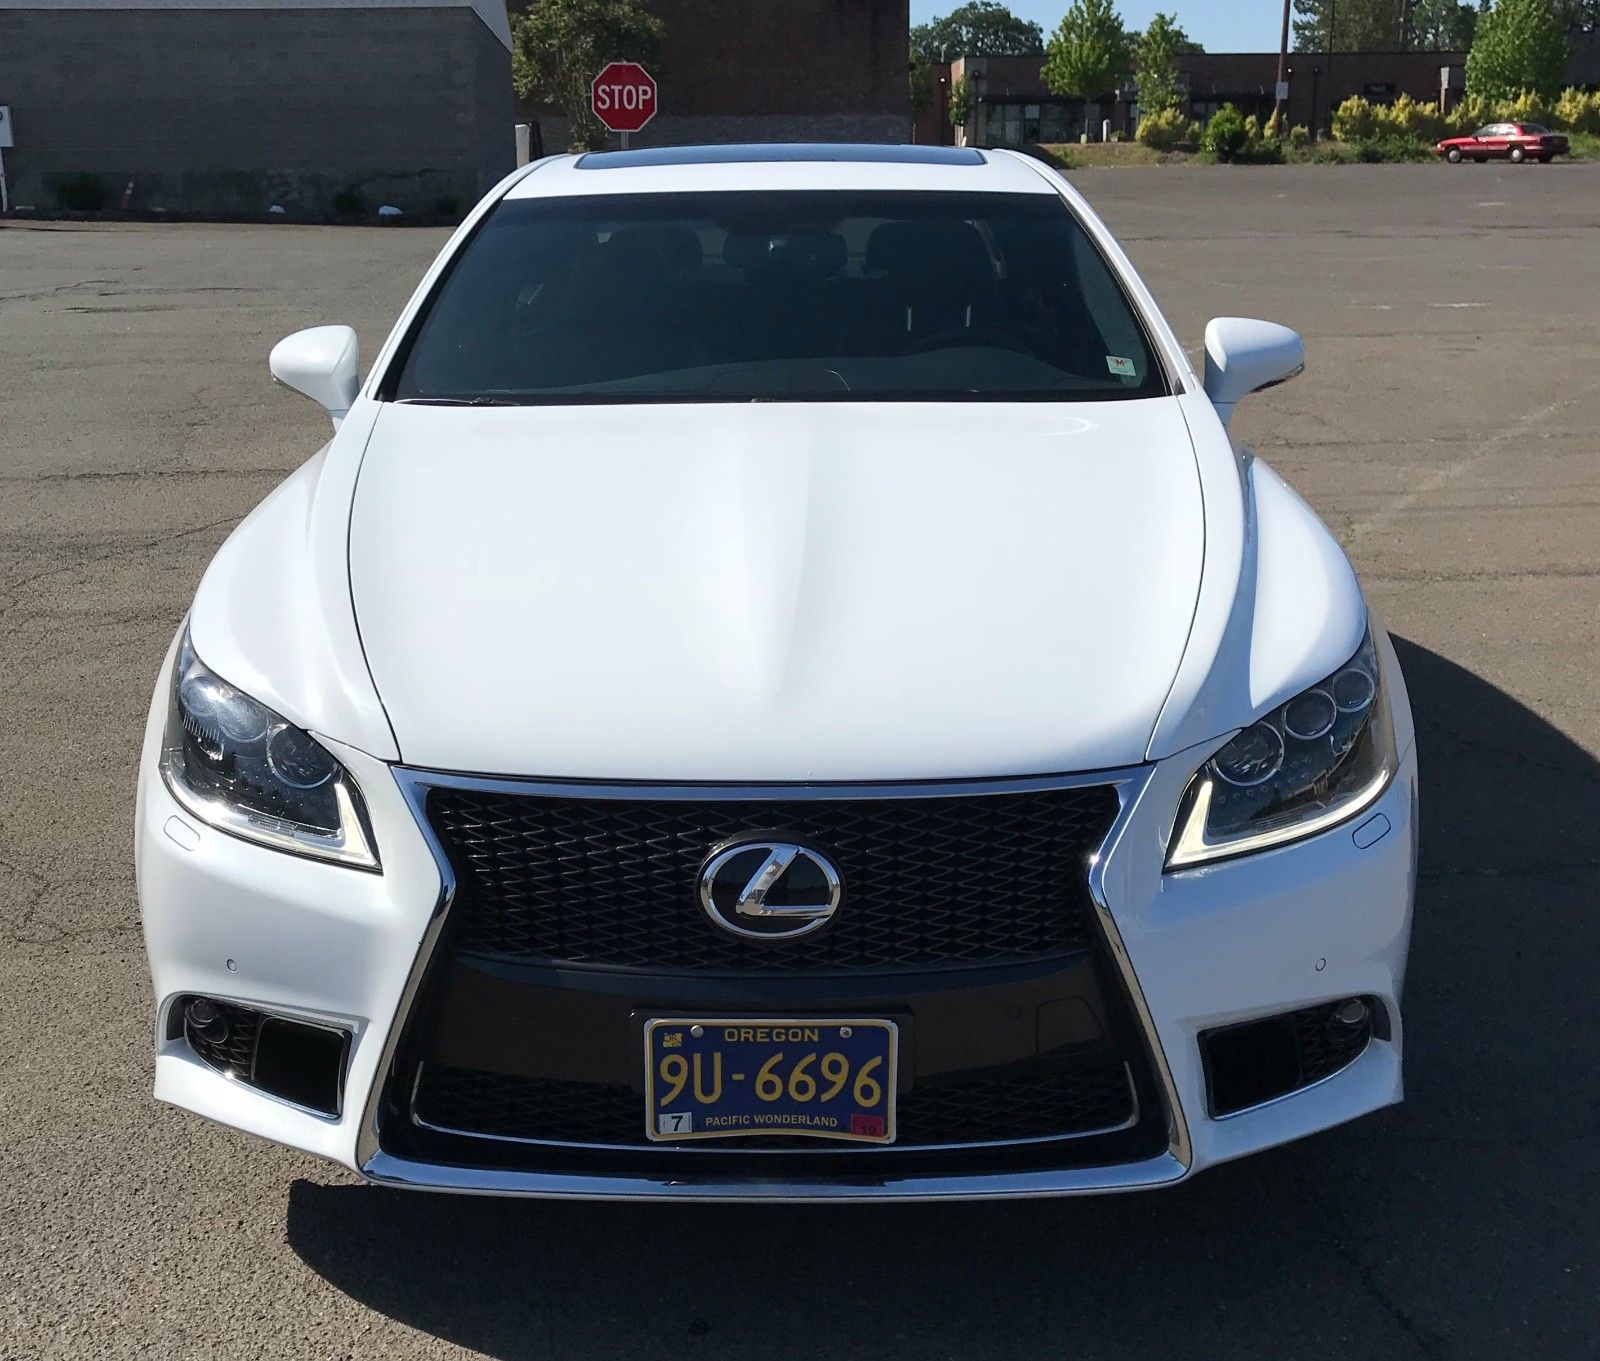 New Lexus Sports Car: Great 2013 Lexus LS F Sport 2013 Lexus Ls460 F Sport AWD